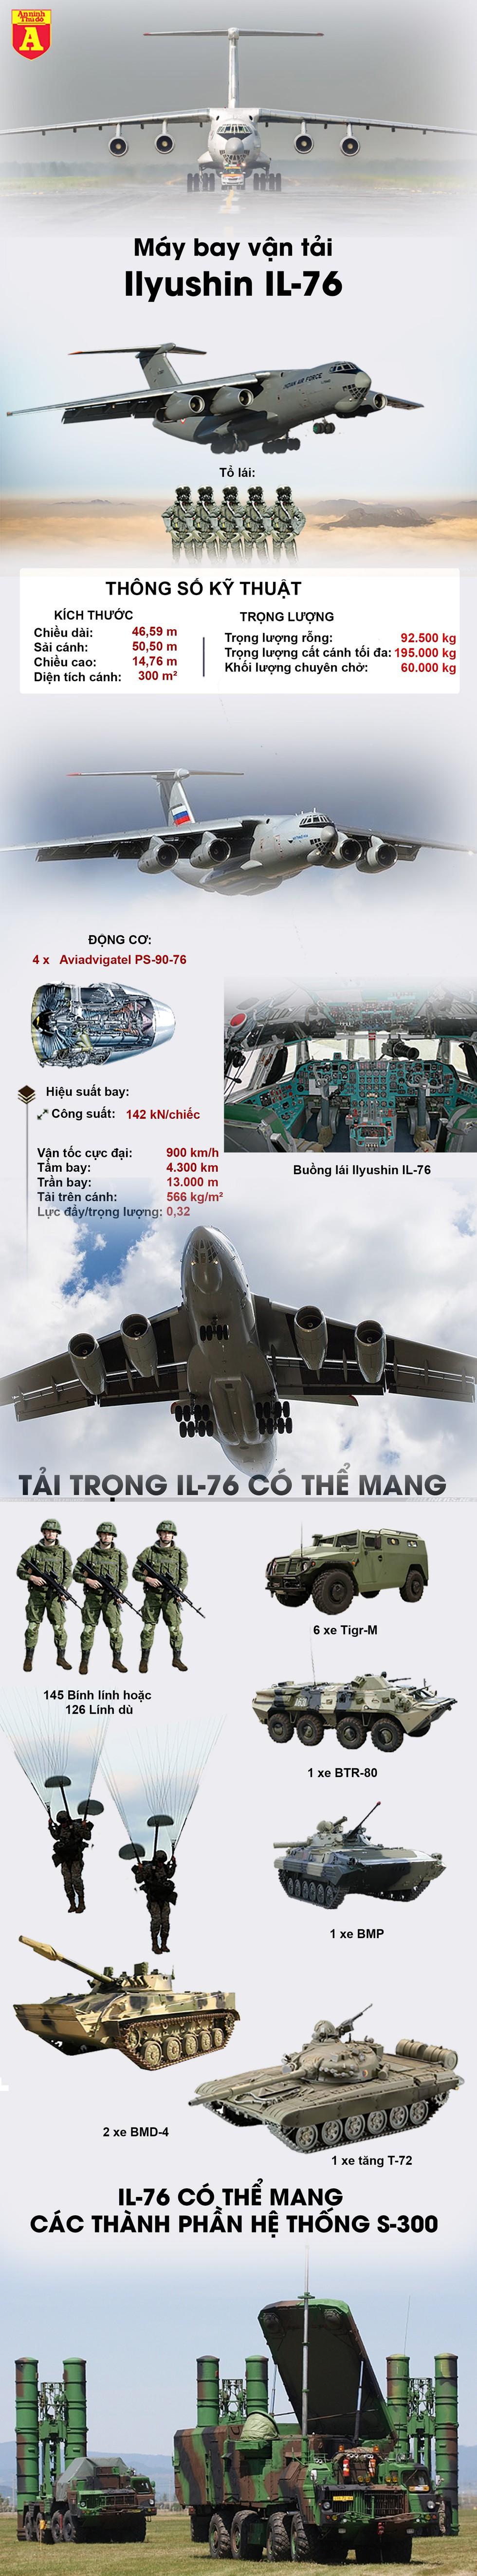 [Infographics] Phi đoàn 9 vận tải cơ khổng lồ Nga đáp xuống Italy để trợ giúp ứng phó Covid-19 - Ảnh 1